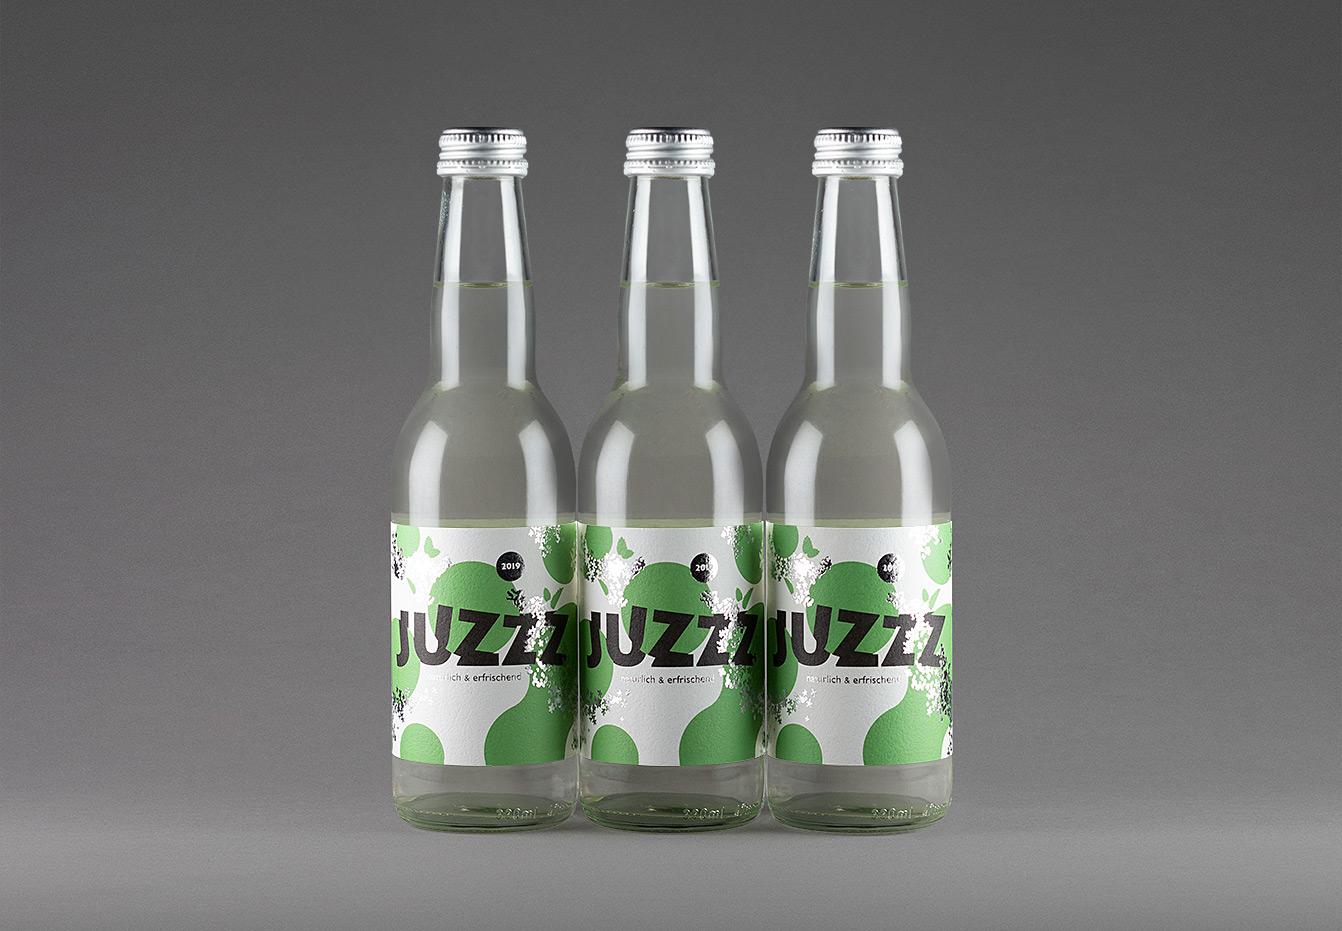 3 Flaschen des Erfrischungsgetränk Juzzz nebeneinander mit grün-silbernem Etikettedesign